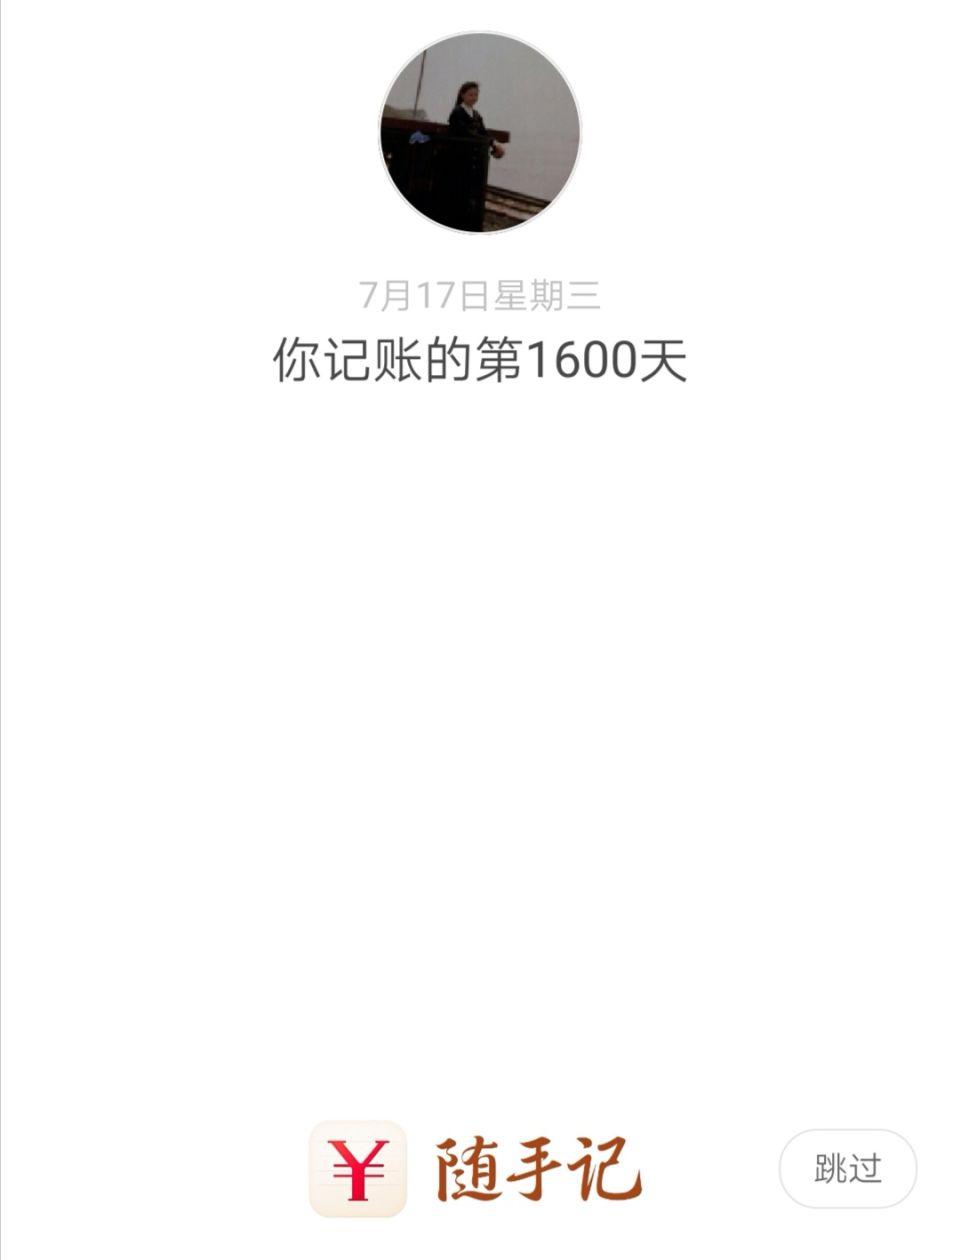 Screenshot_20190717_091915.jpg